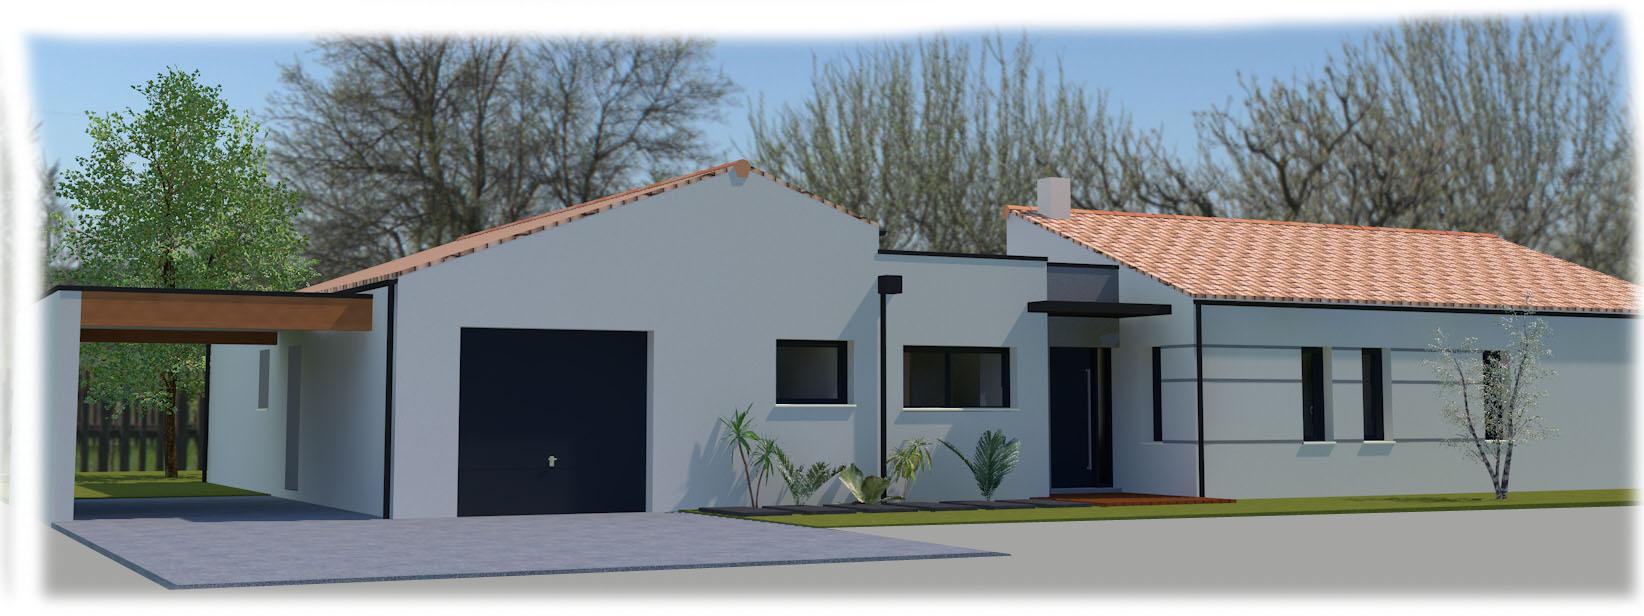 maison moderne plain pied architecte le monde de l a. Black Bedroom Furniture Sets. Home Design Ideas